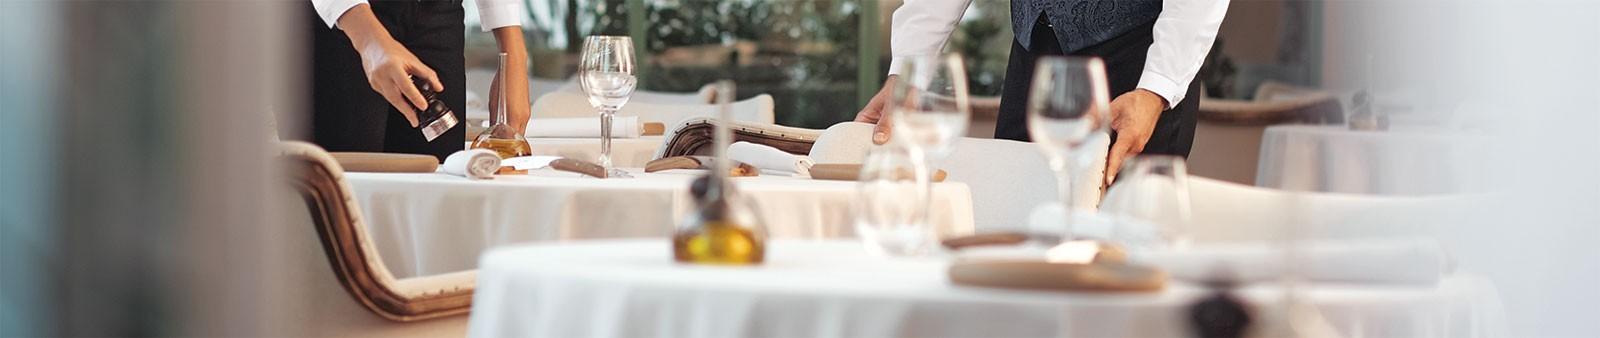 Vorbinder - Service & Hotellerie